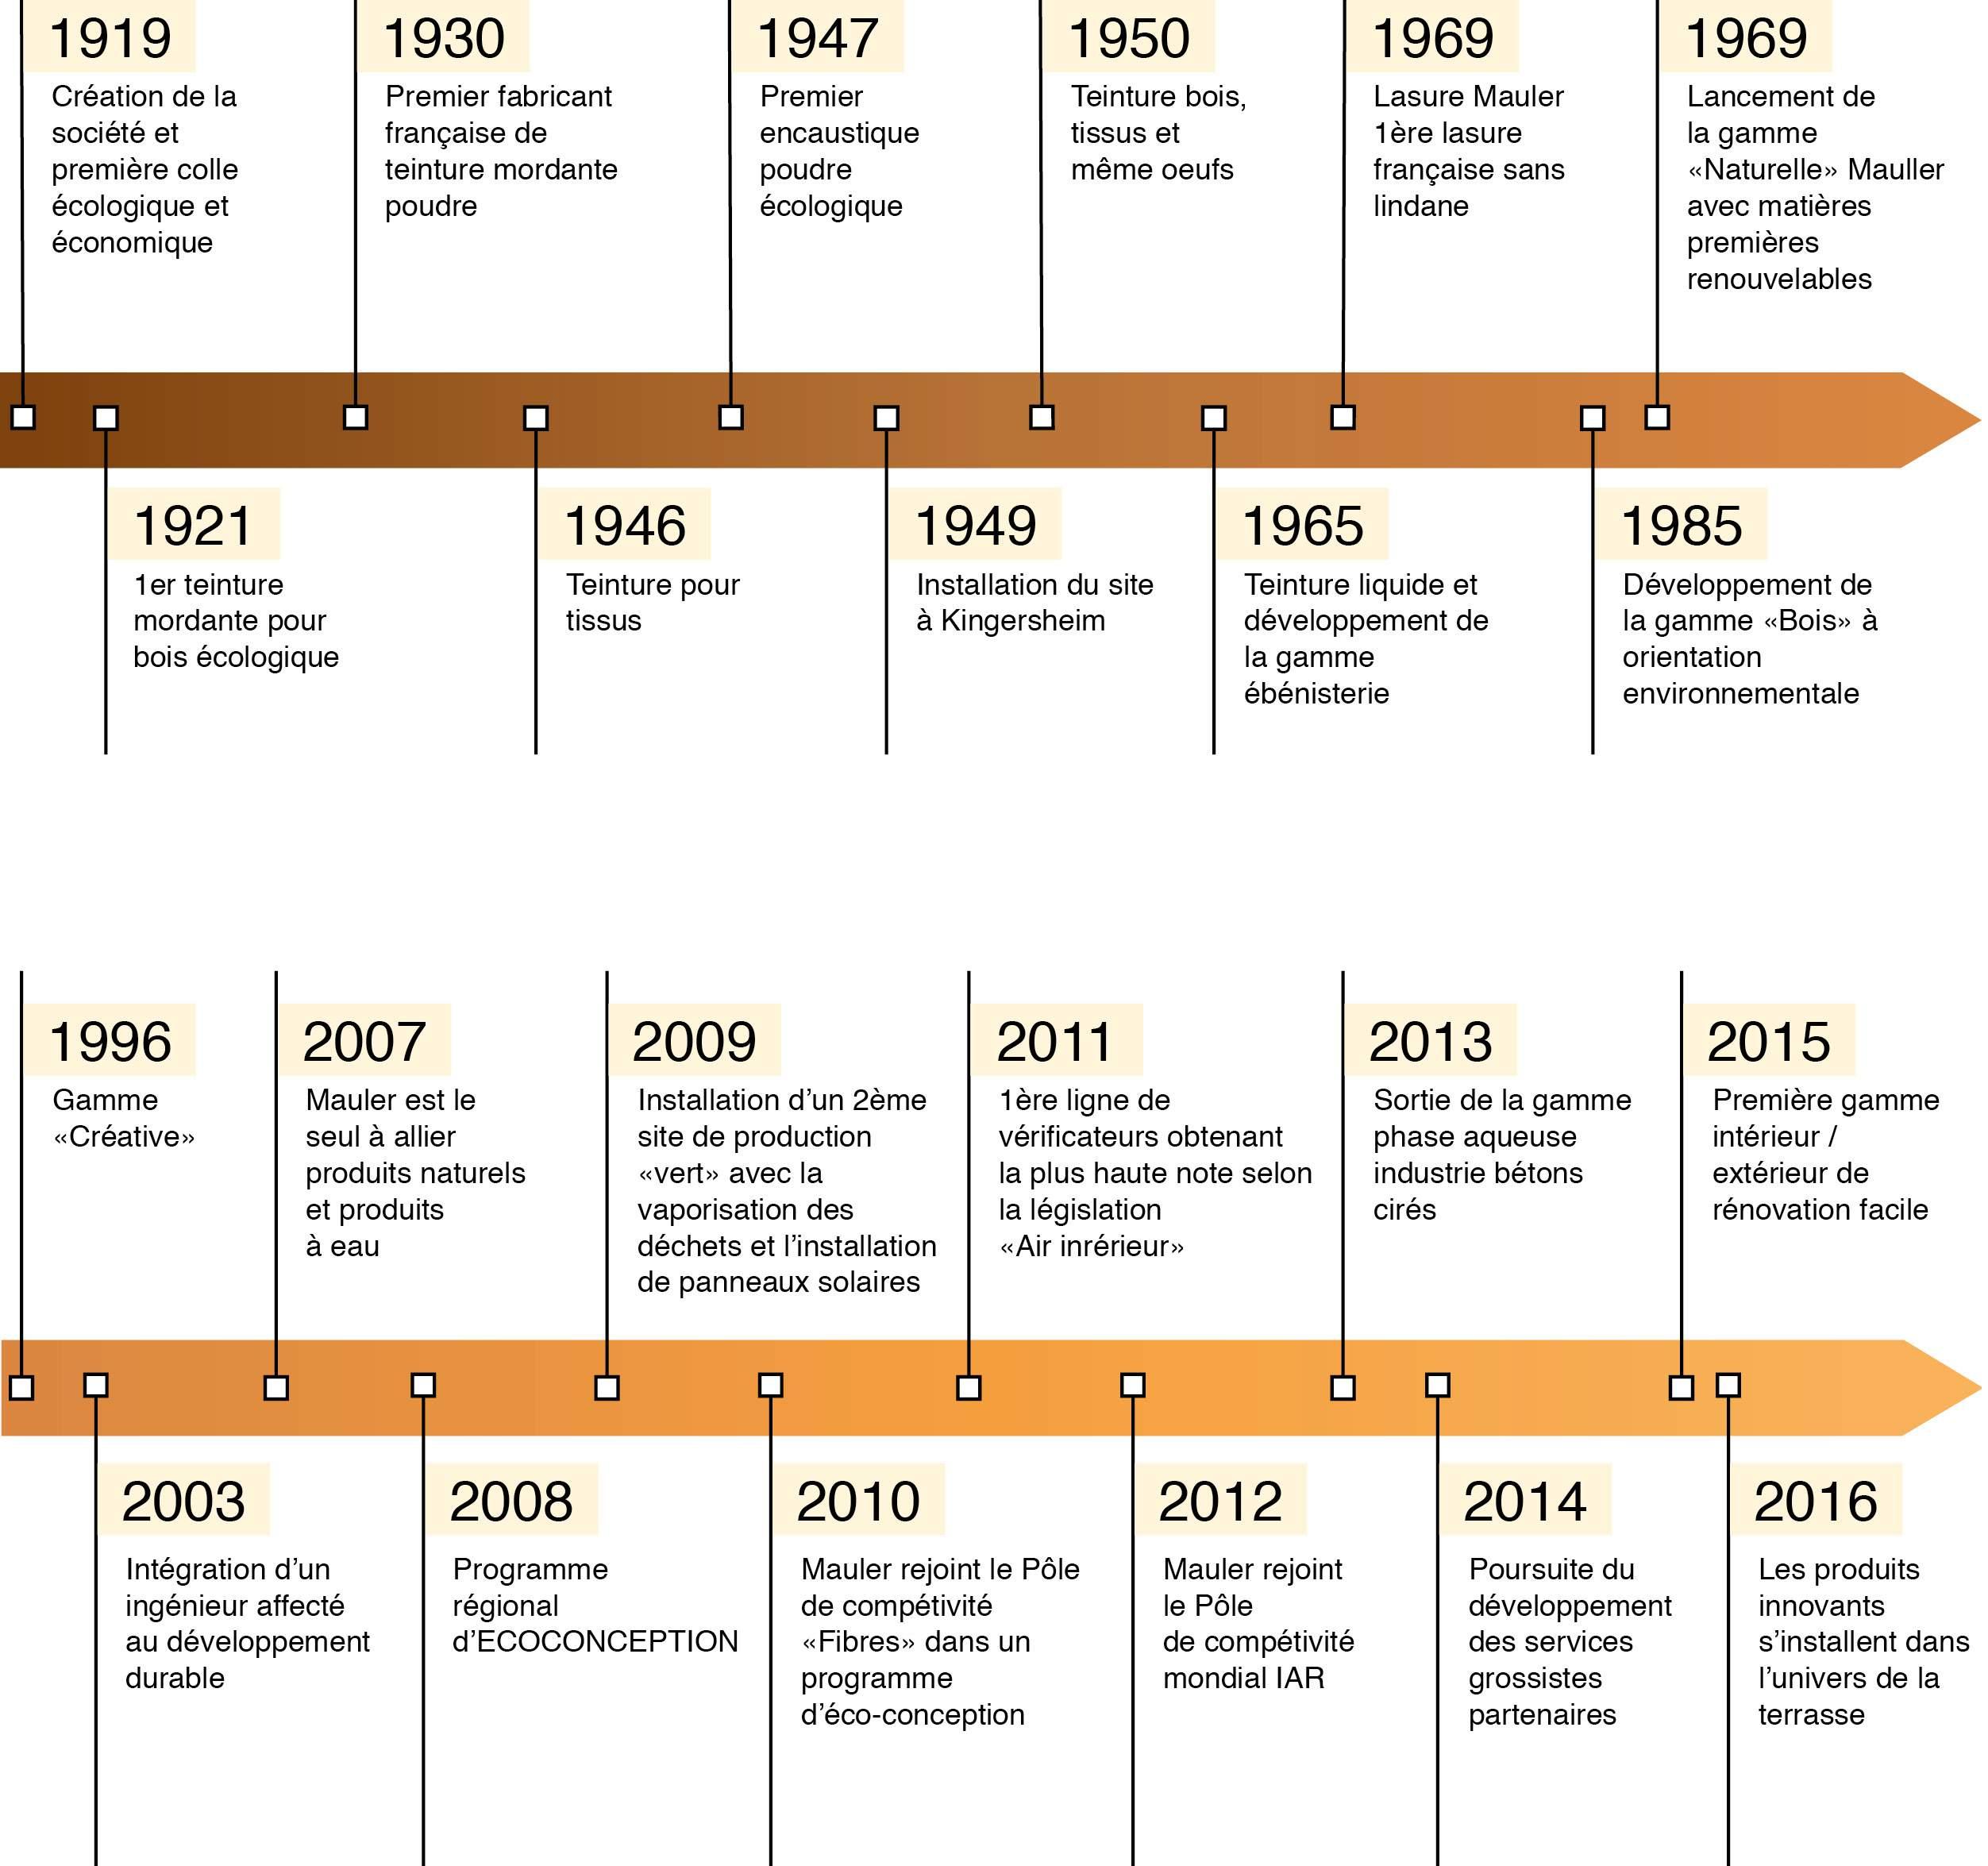 006-2016 Timeline 2016